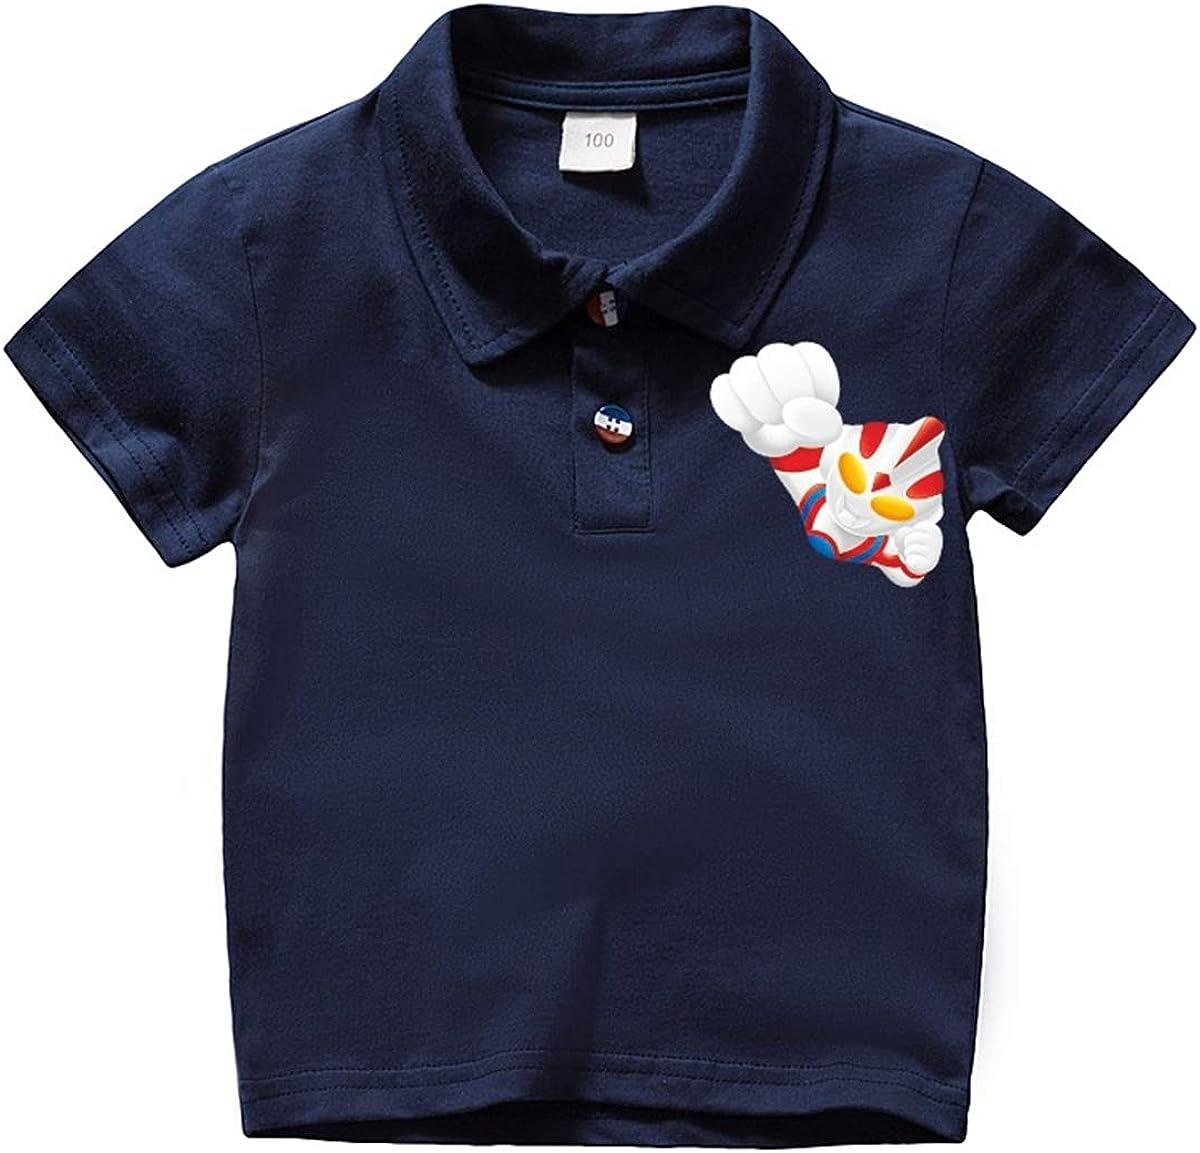 GD-SportBX Boys Girls Ultraman Summer Casual Tees Tops Toddler Short-Sleeve Polo Shirt